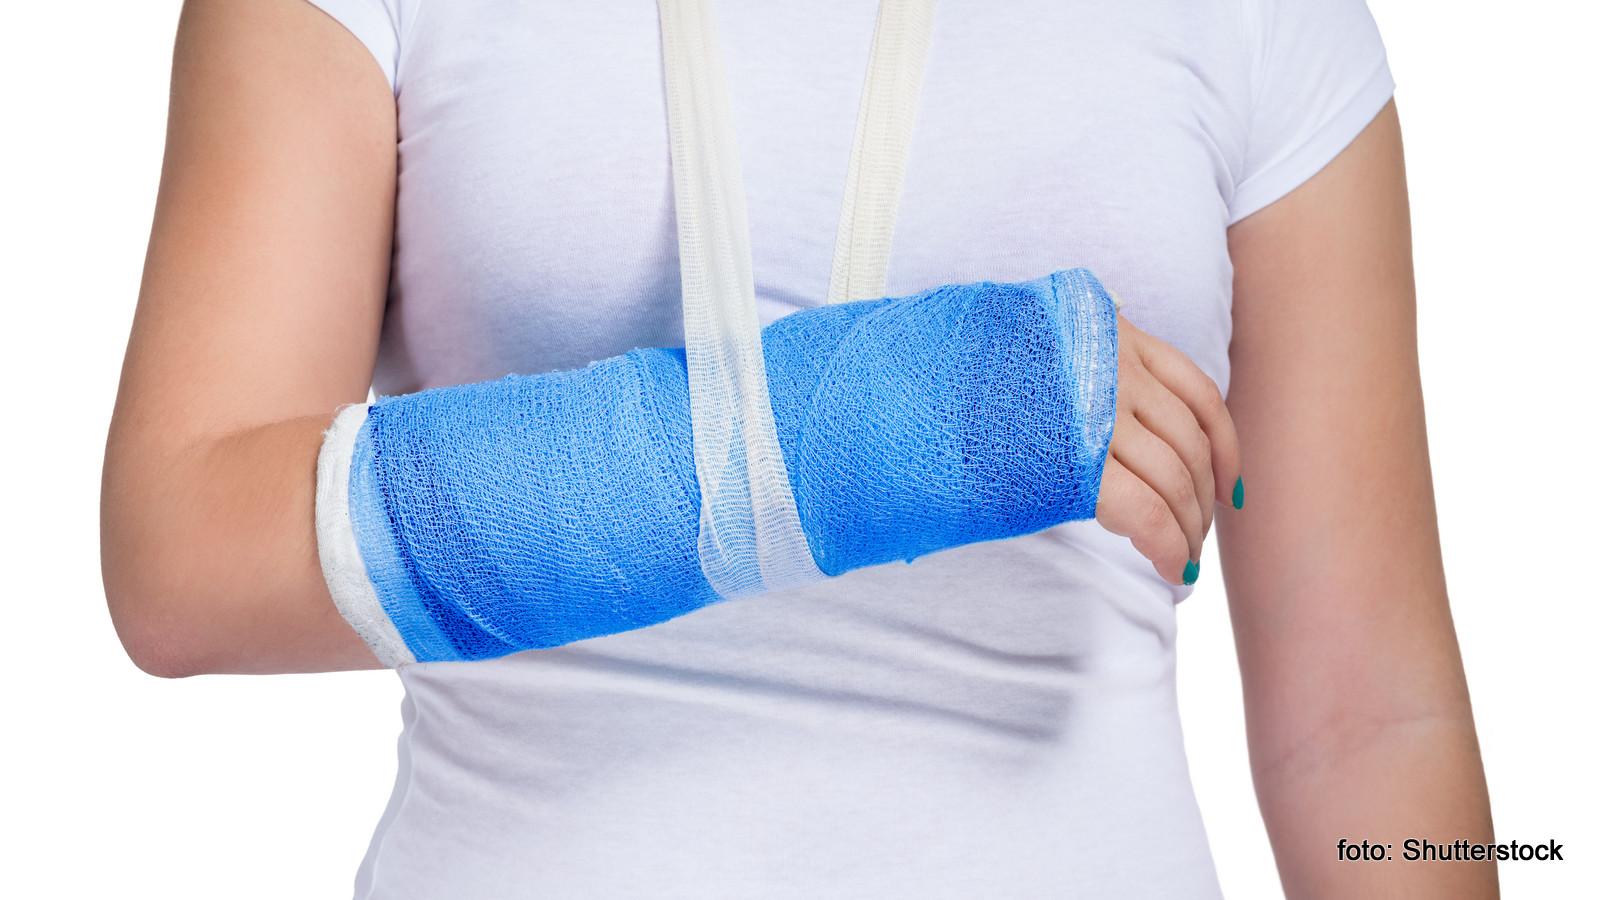 De meest voorkomende blessures tijdens paardrijden